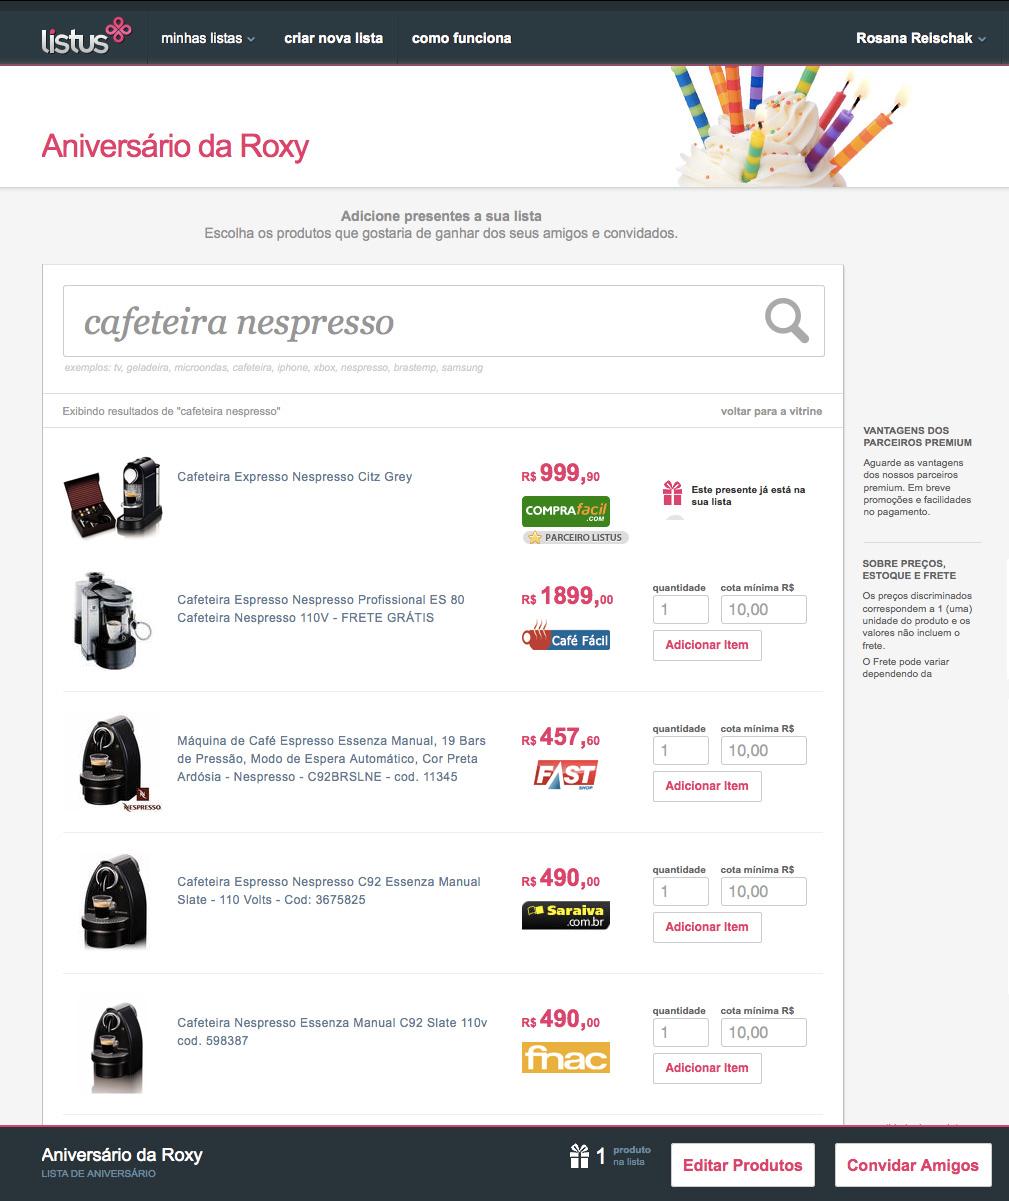 Lista de compras criada pelo serviço online (Crédito: Divulgação)